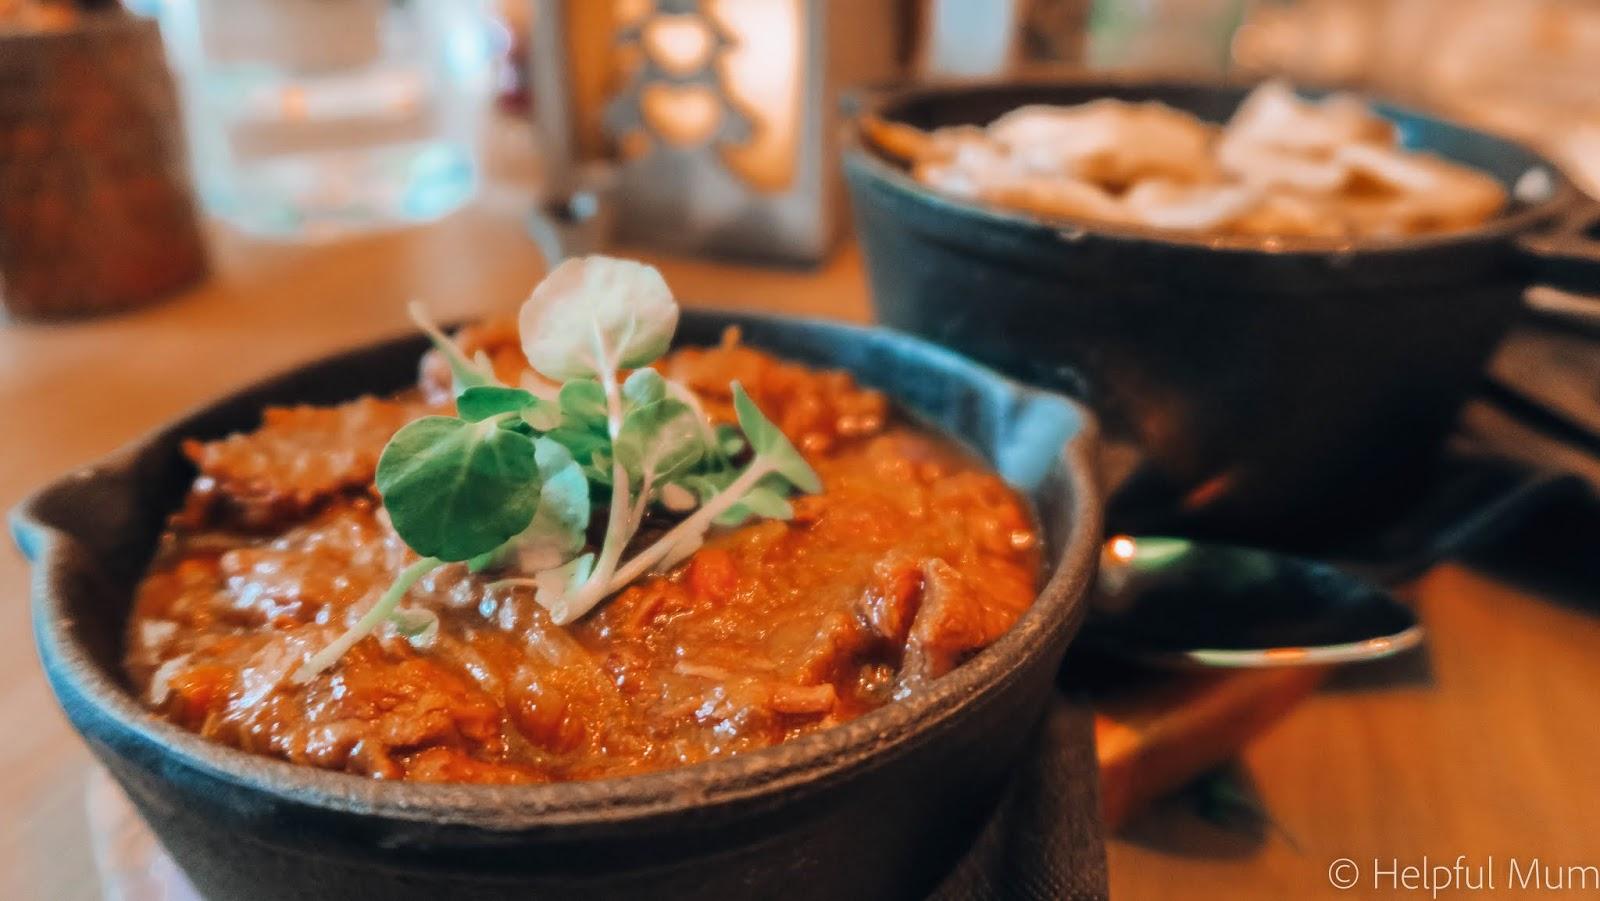 Alexander's alpine stew